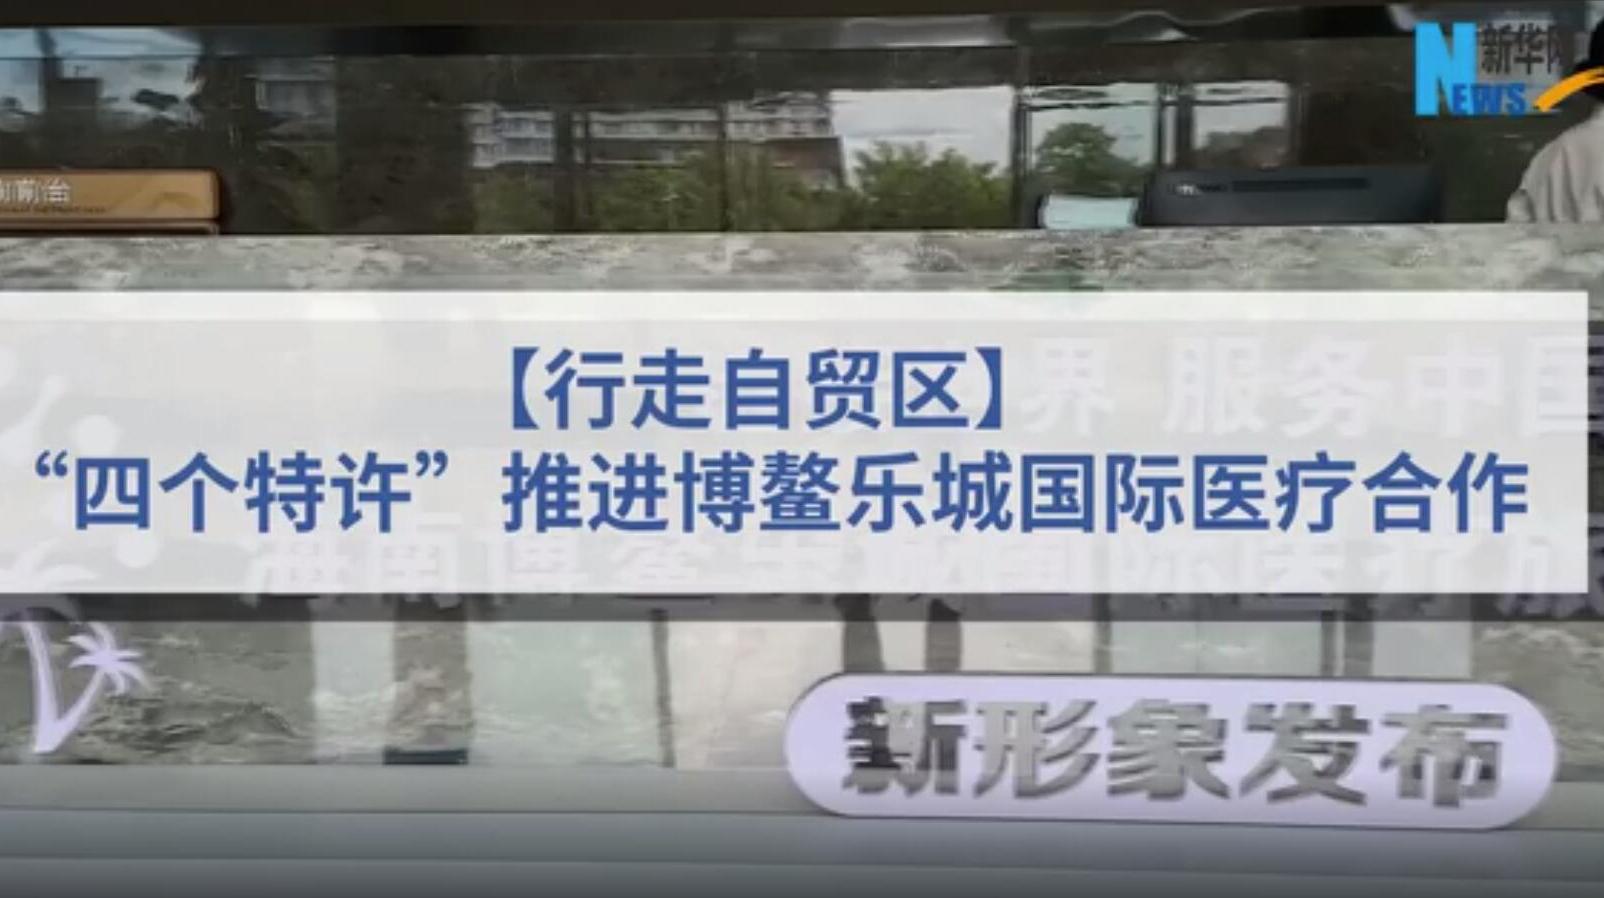 推進博鰲樂城國際醫療合作